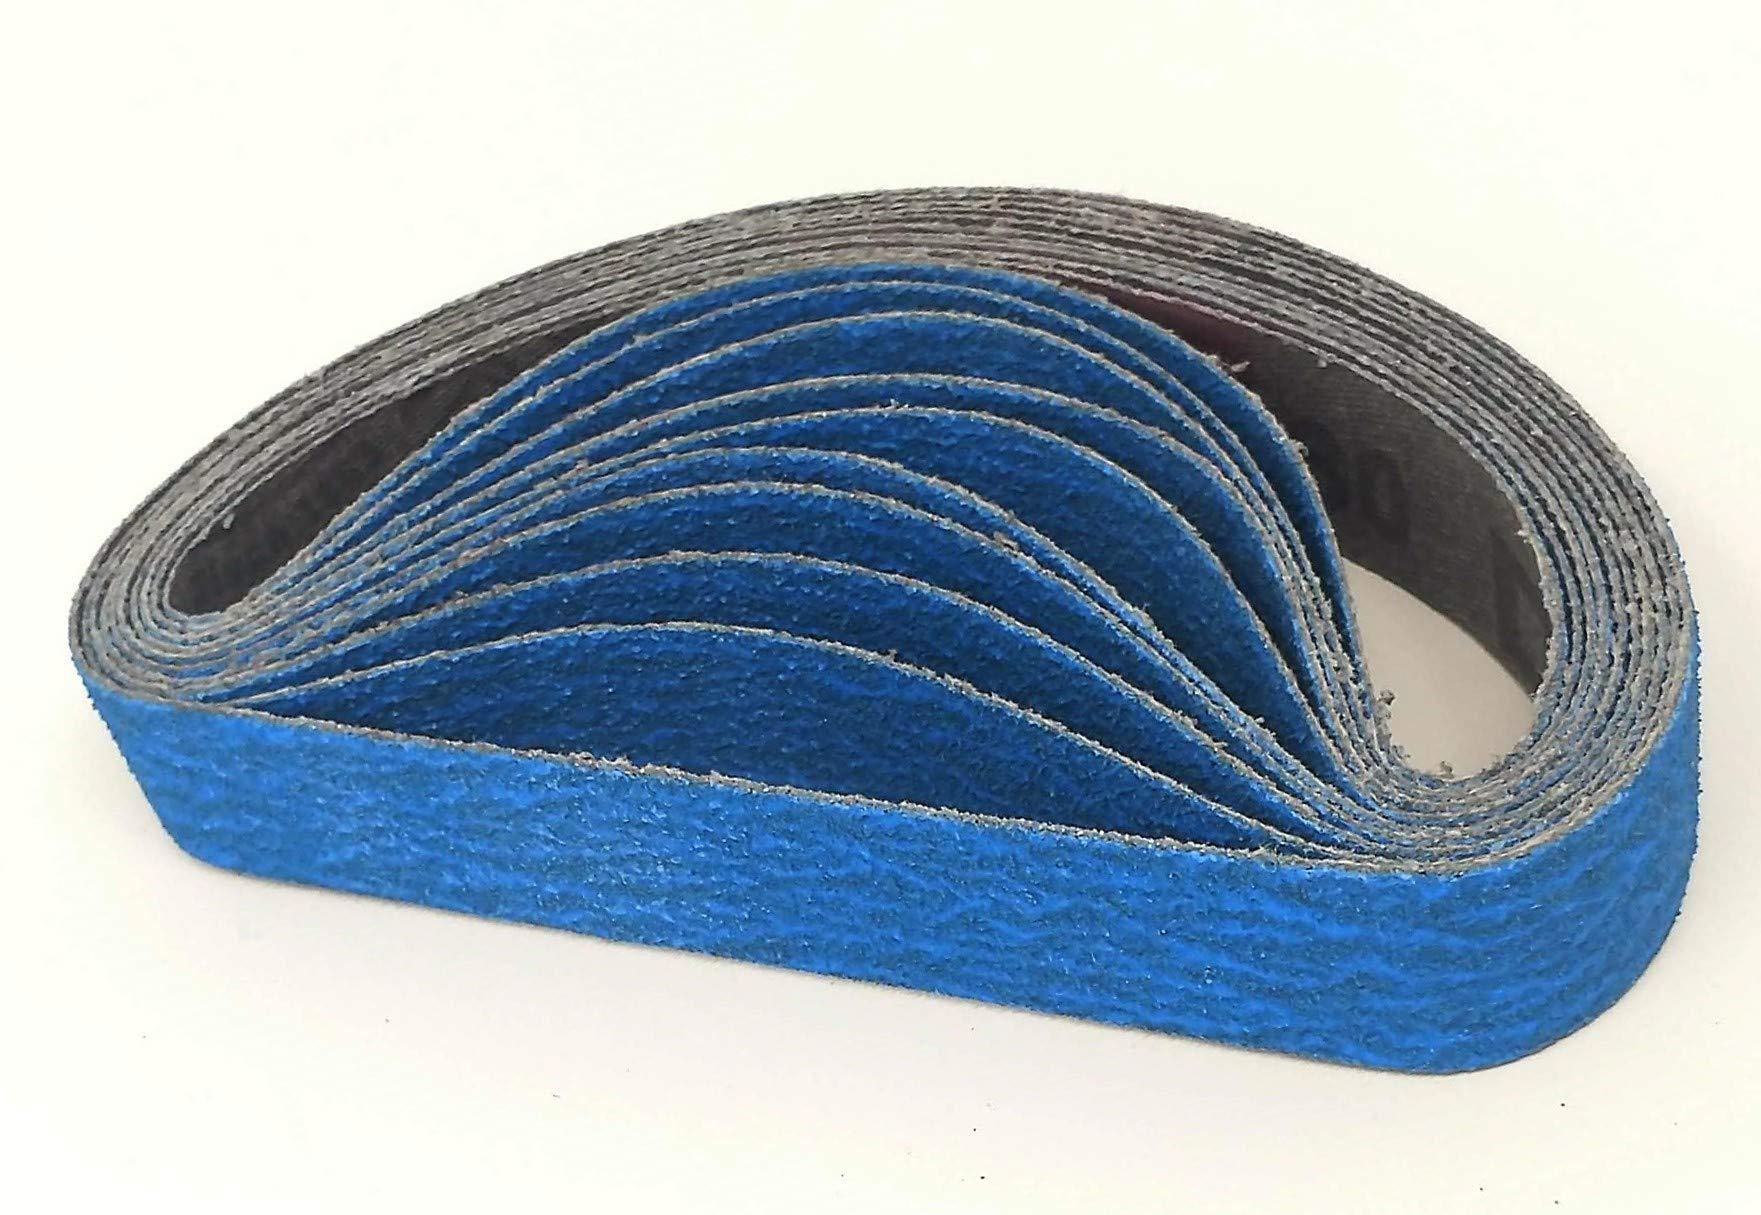 3/4 X 12 Coarse 120 Grit Ceramic Knife Sharpener Belts Compatible with Ken Onion Work Sharp Knife & Tool Sharpener